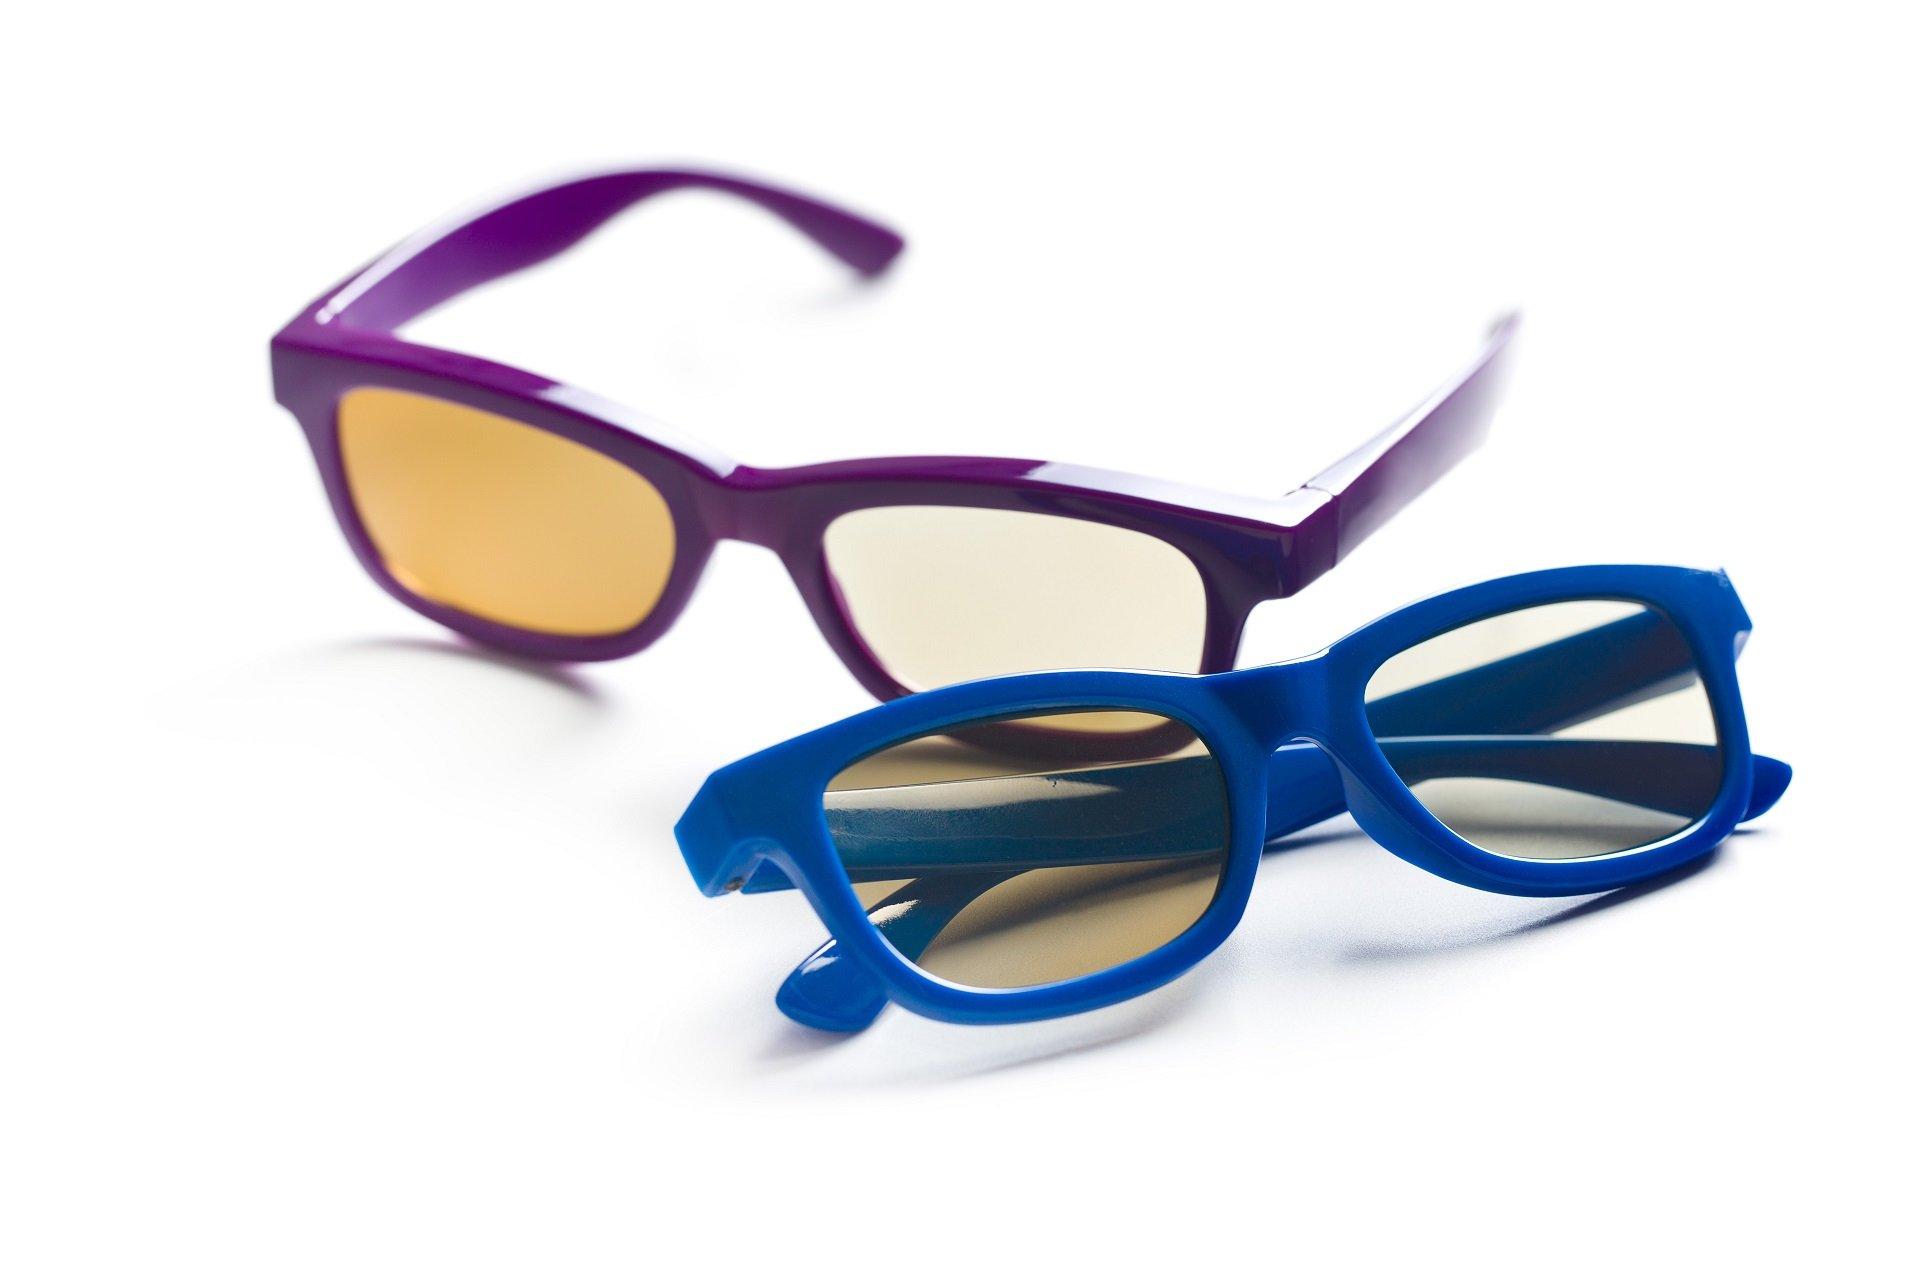 un paio di occhiali da vista con montatura viola e uno con montatura blu